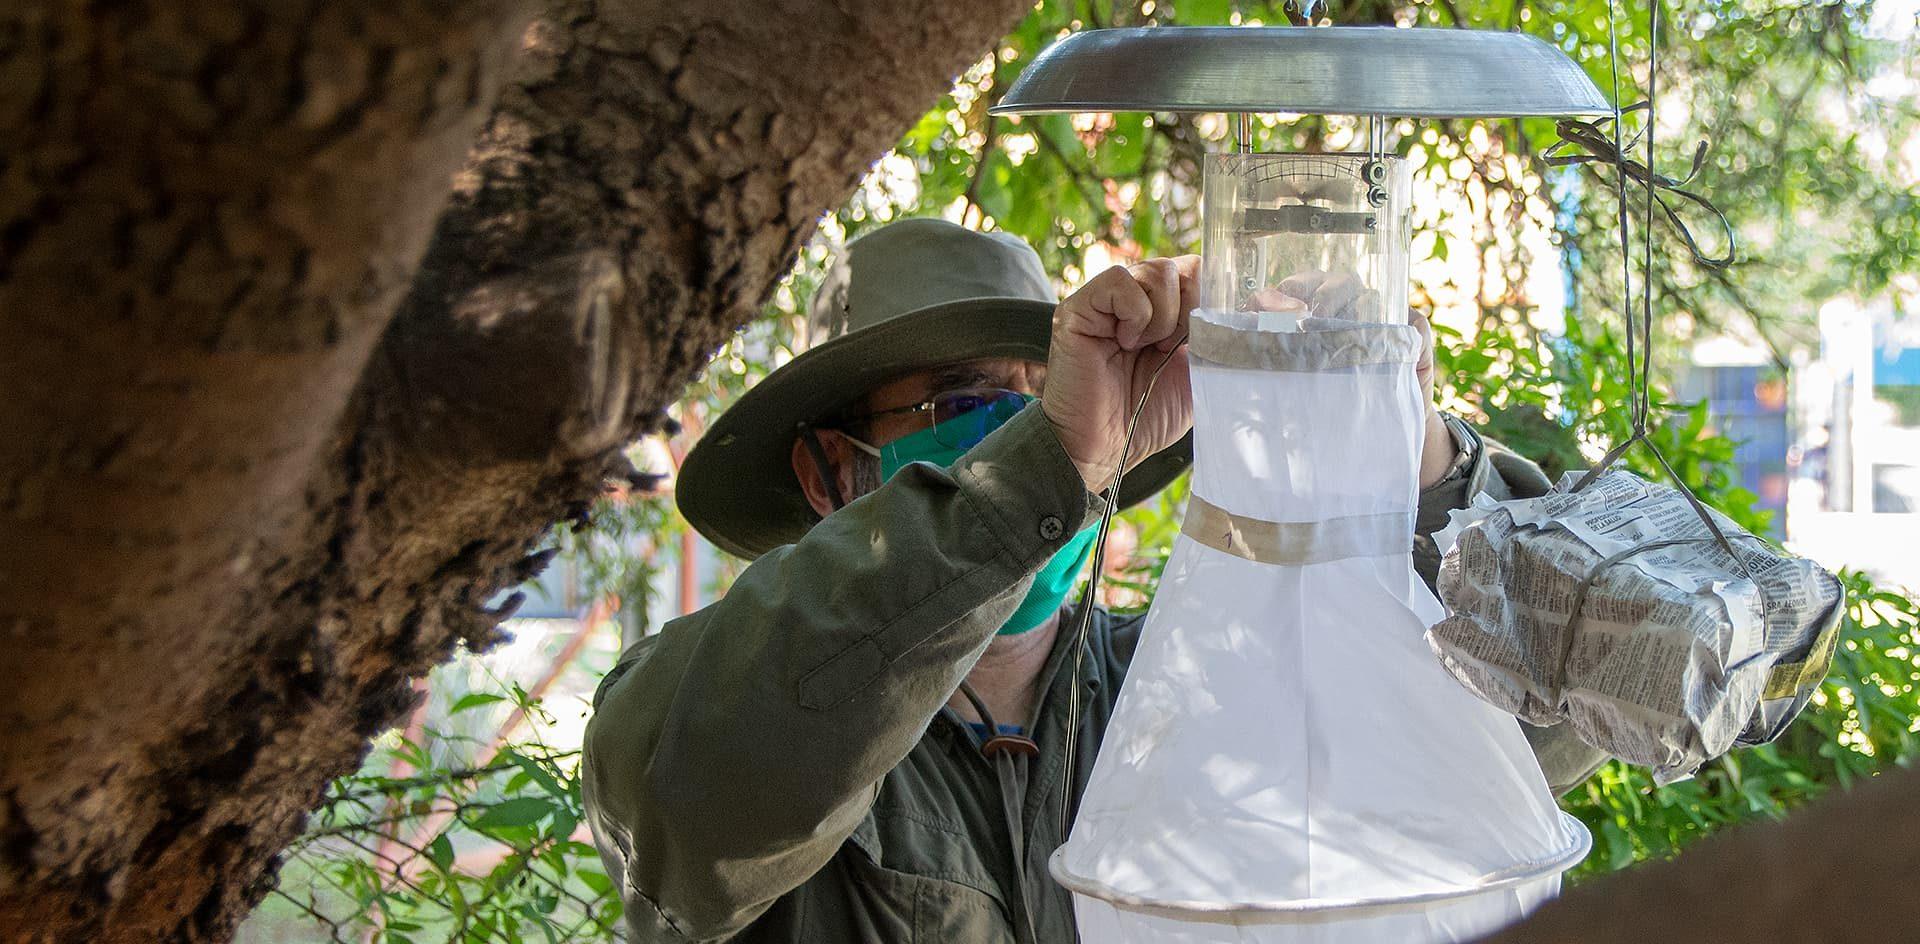 Identificarán cuáles son las zonas más calientes y con más mosquitos de la ciudad